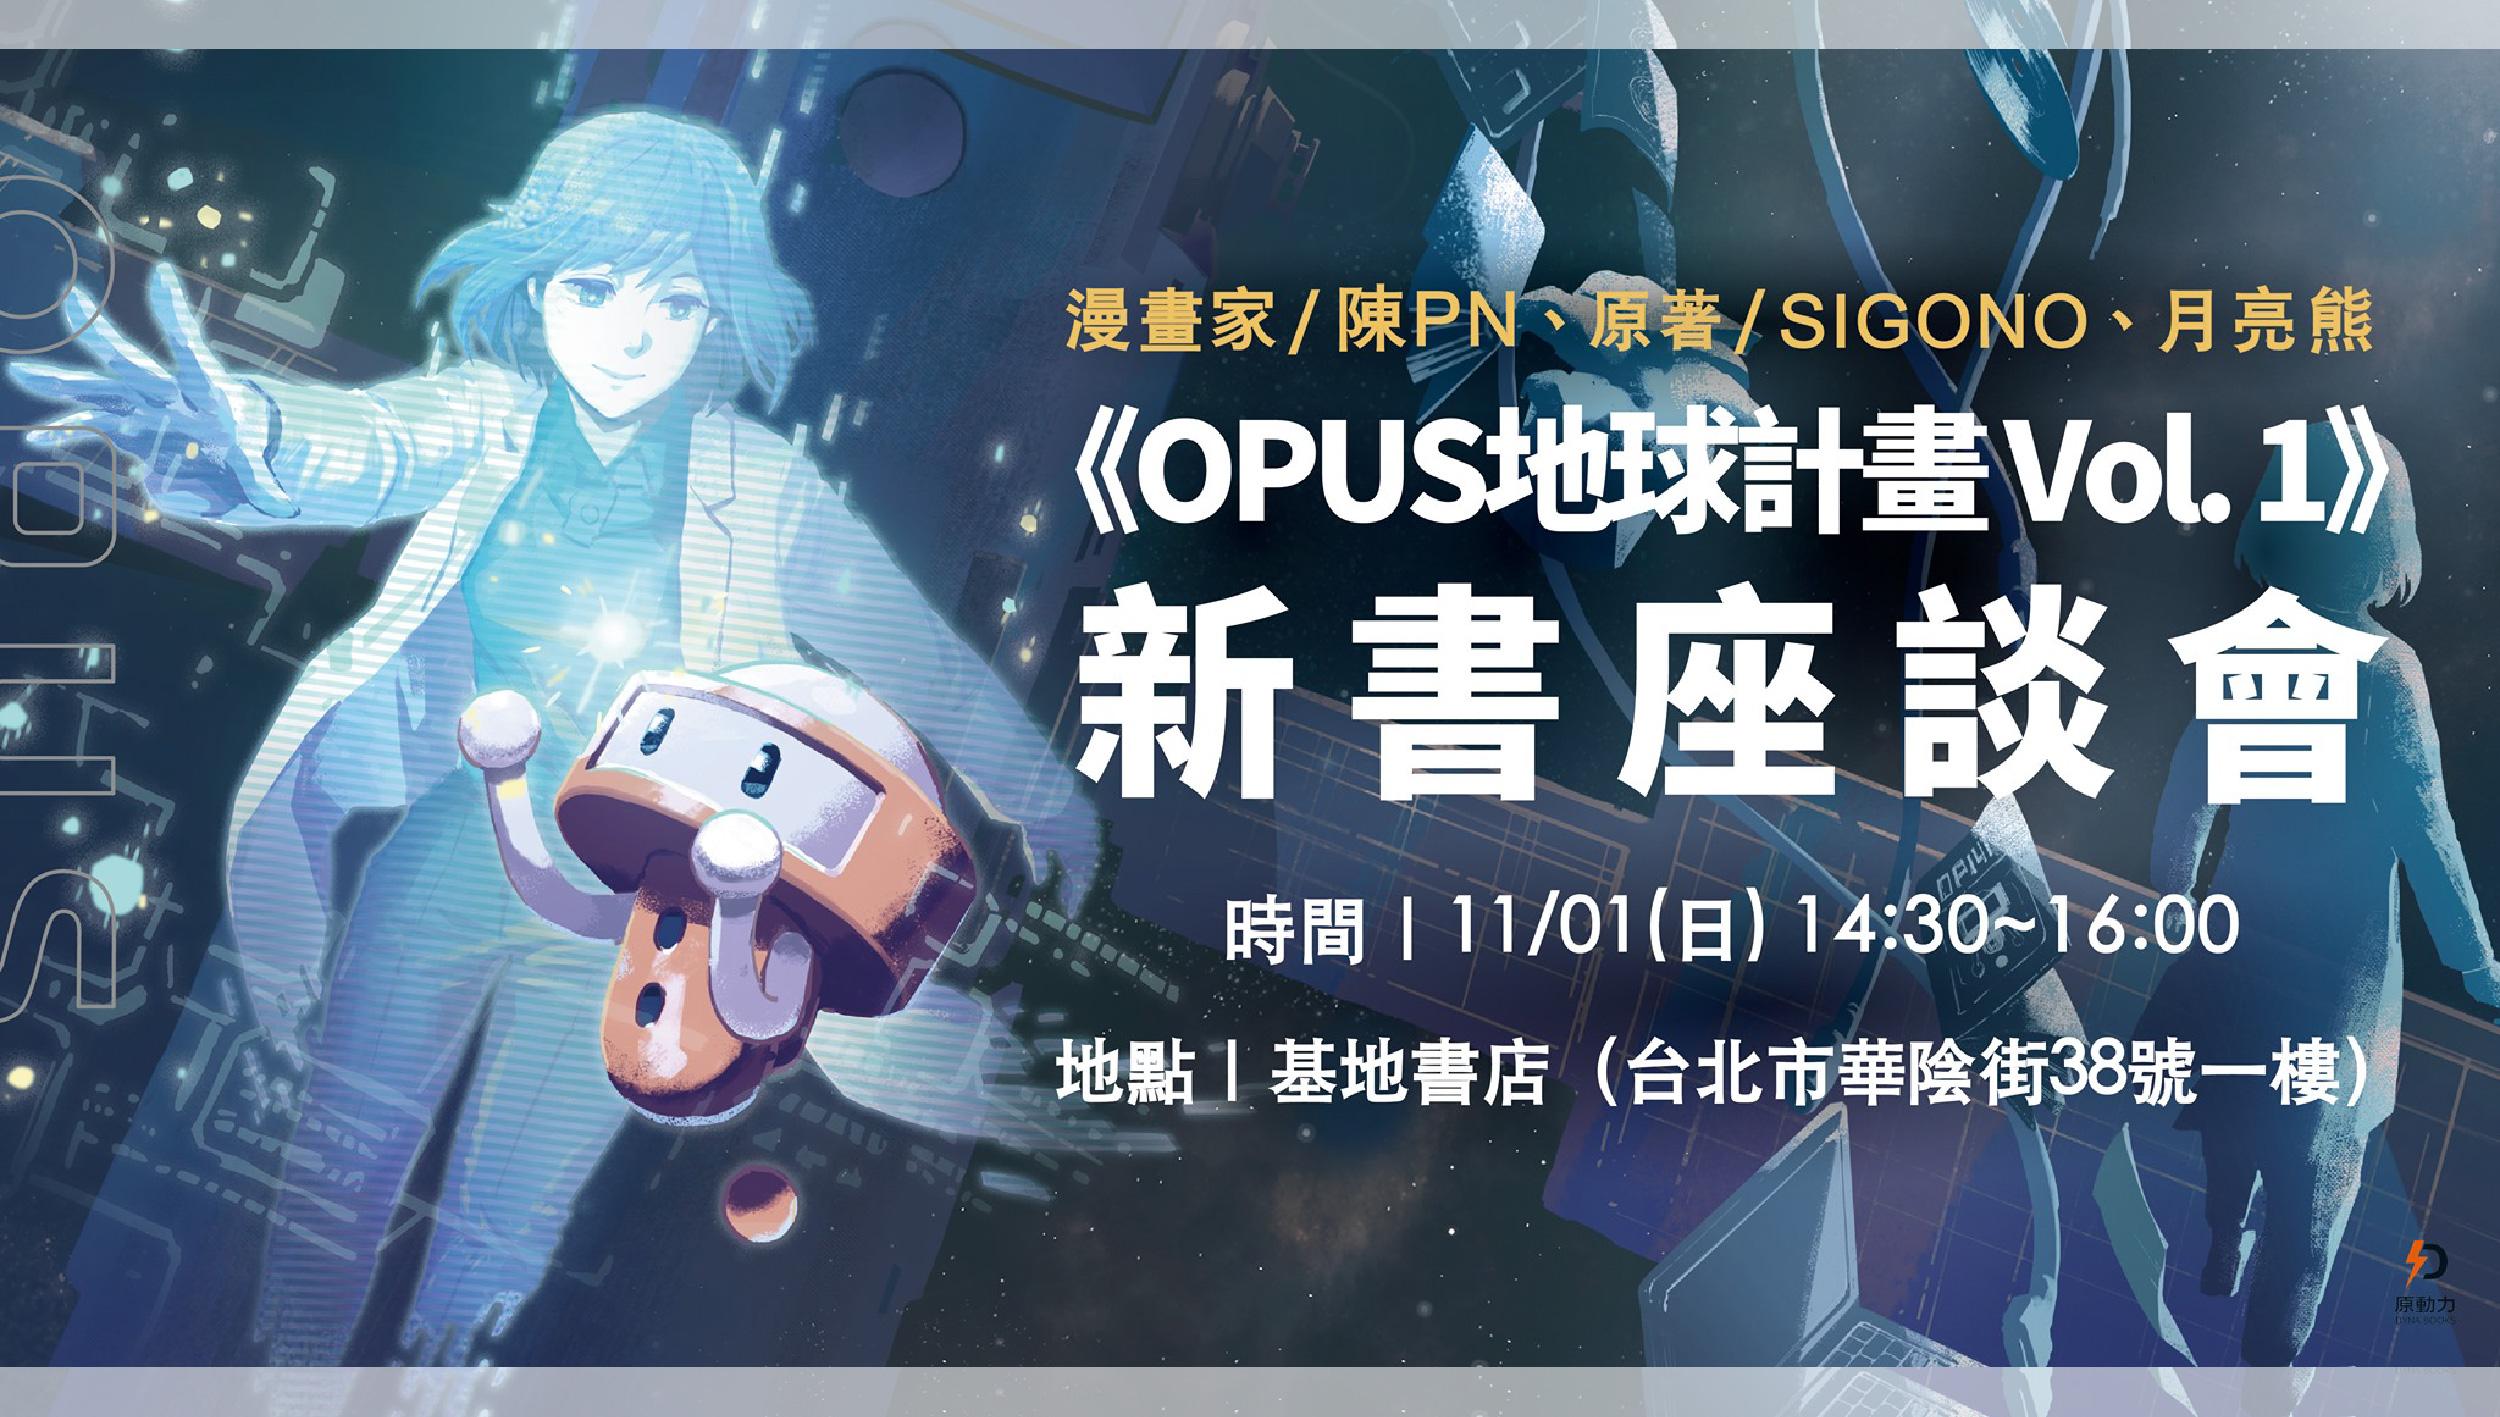 《Opus地球計畫1》新書座談會,漫畫家/陳PN、原著/SIGONO、月亮熊